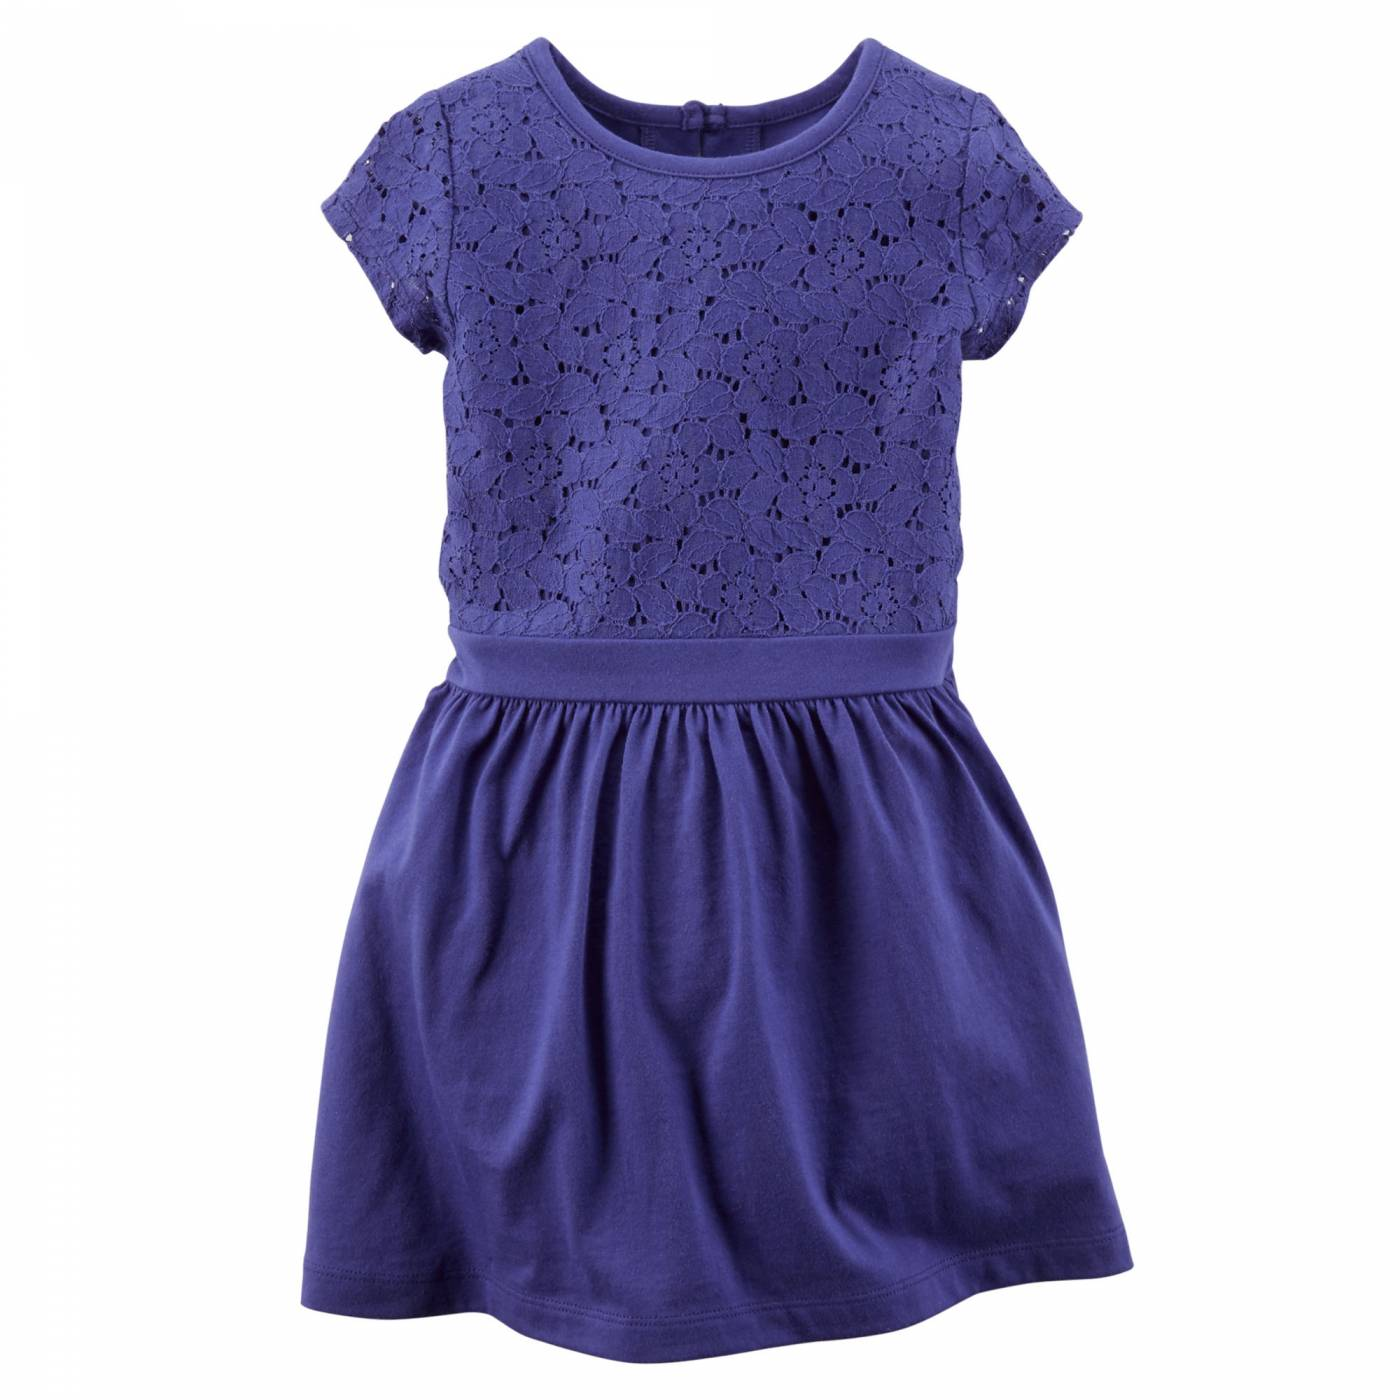 Vestido detalhe renda azul - 4 anos